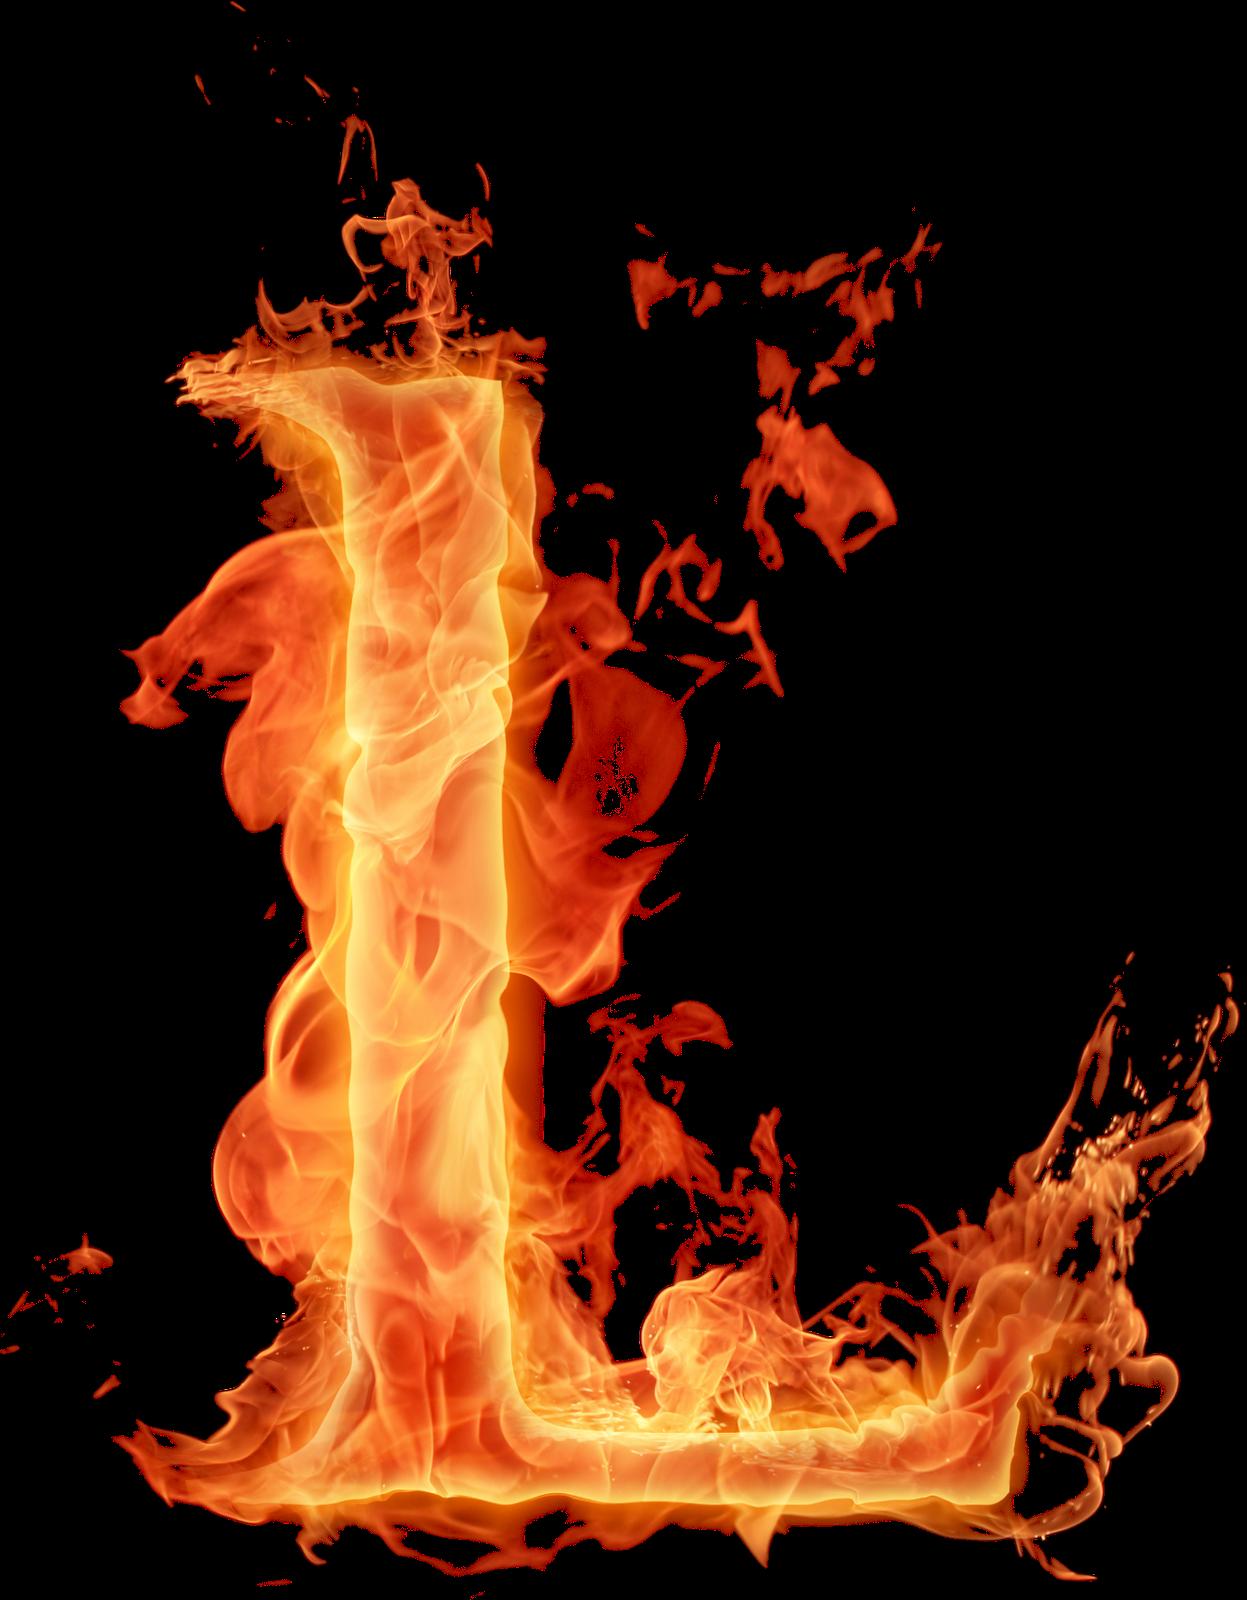 Heat clipart fuego. Letras em png efeito